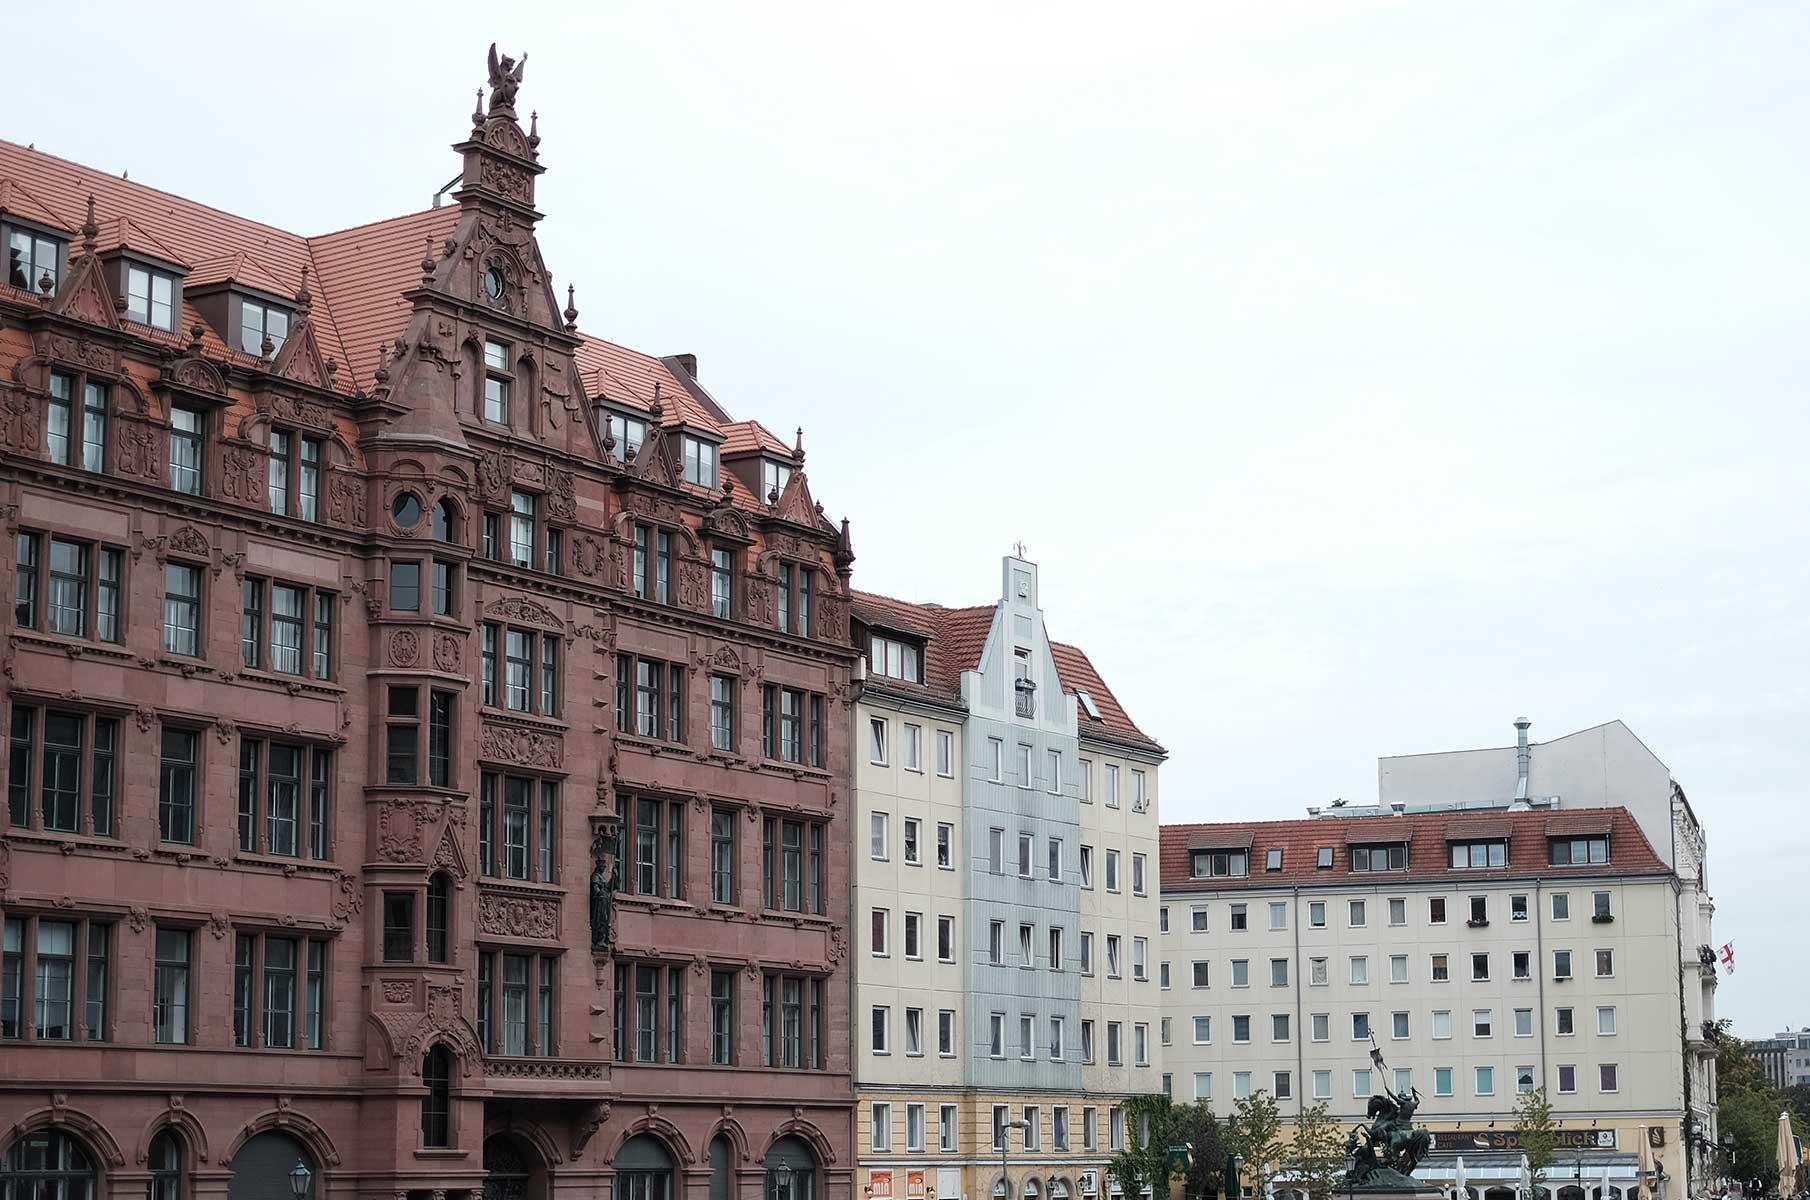 Häuser an der Spree in Berlin